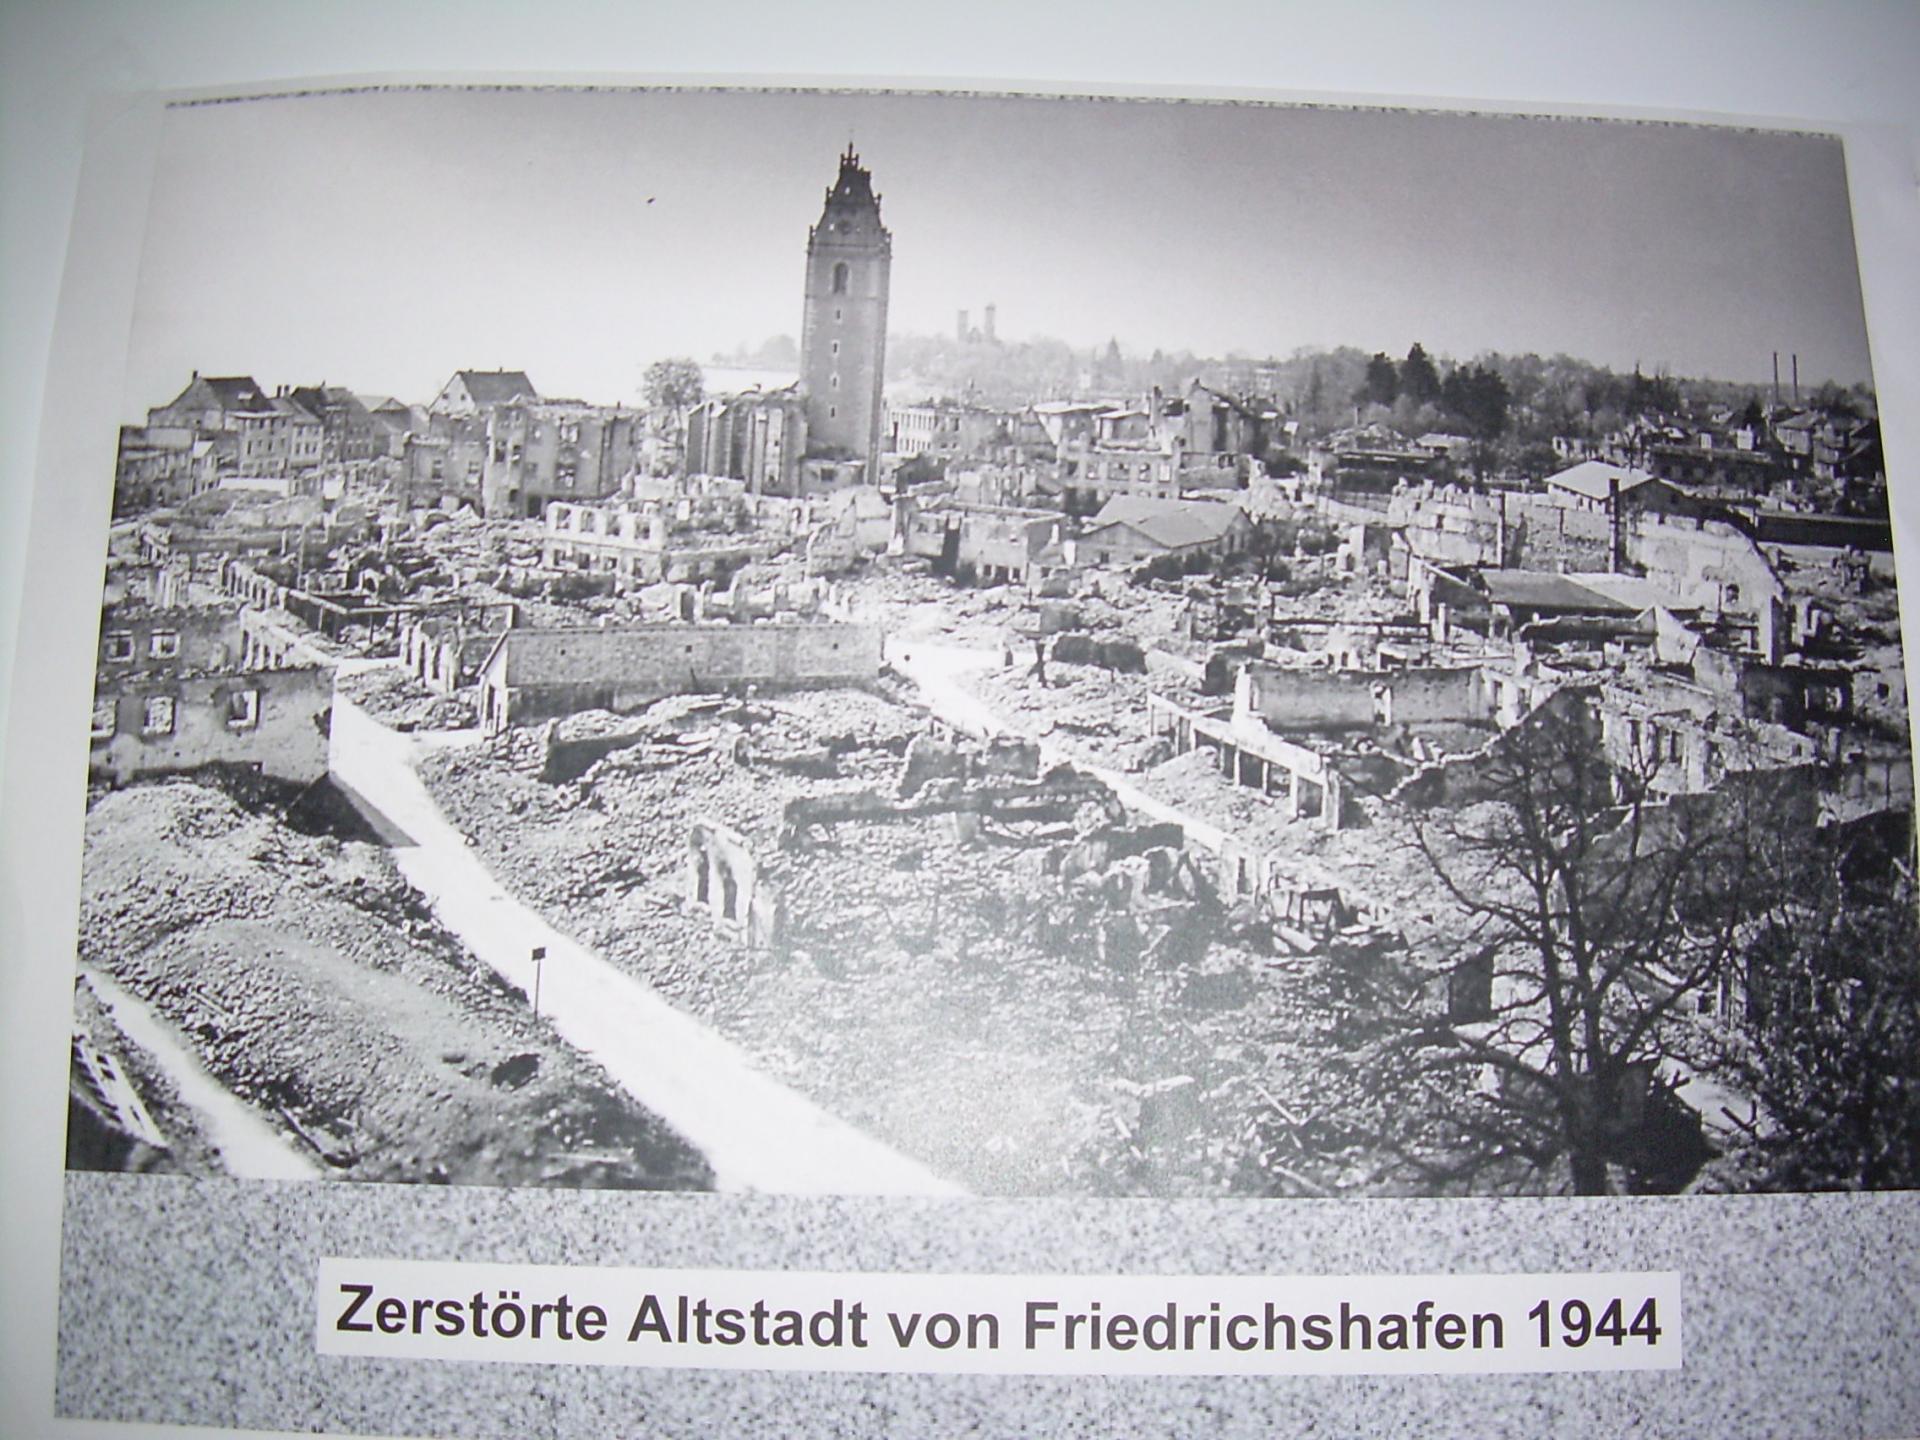 Friedrichshafen zerstort